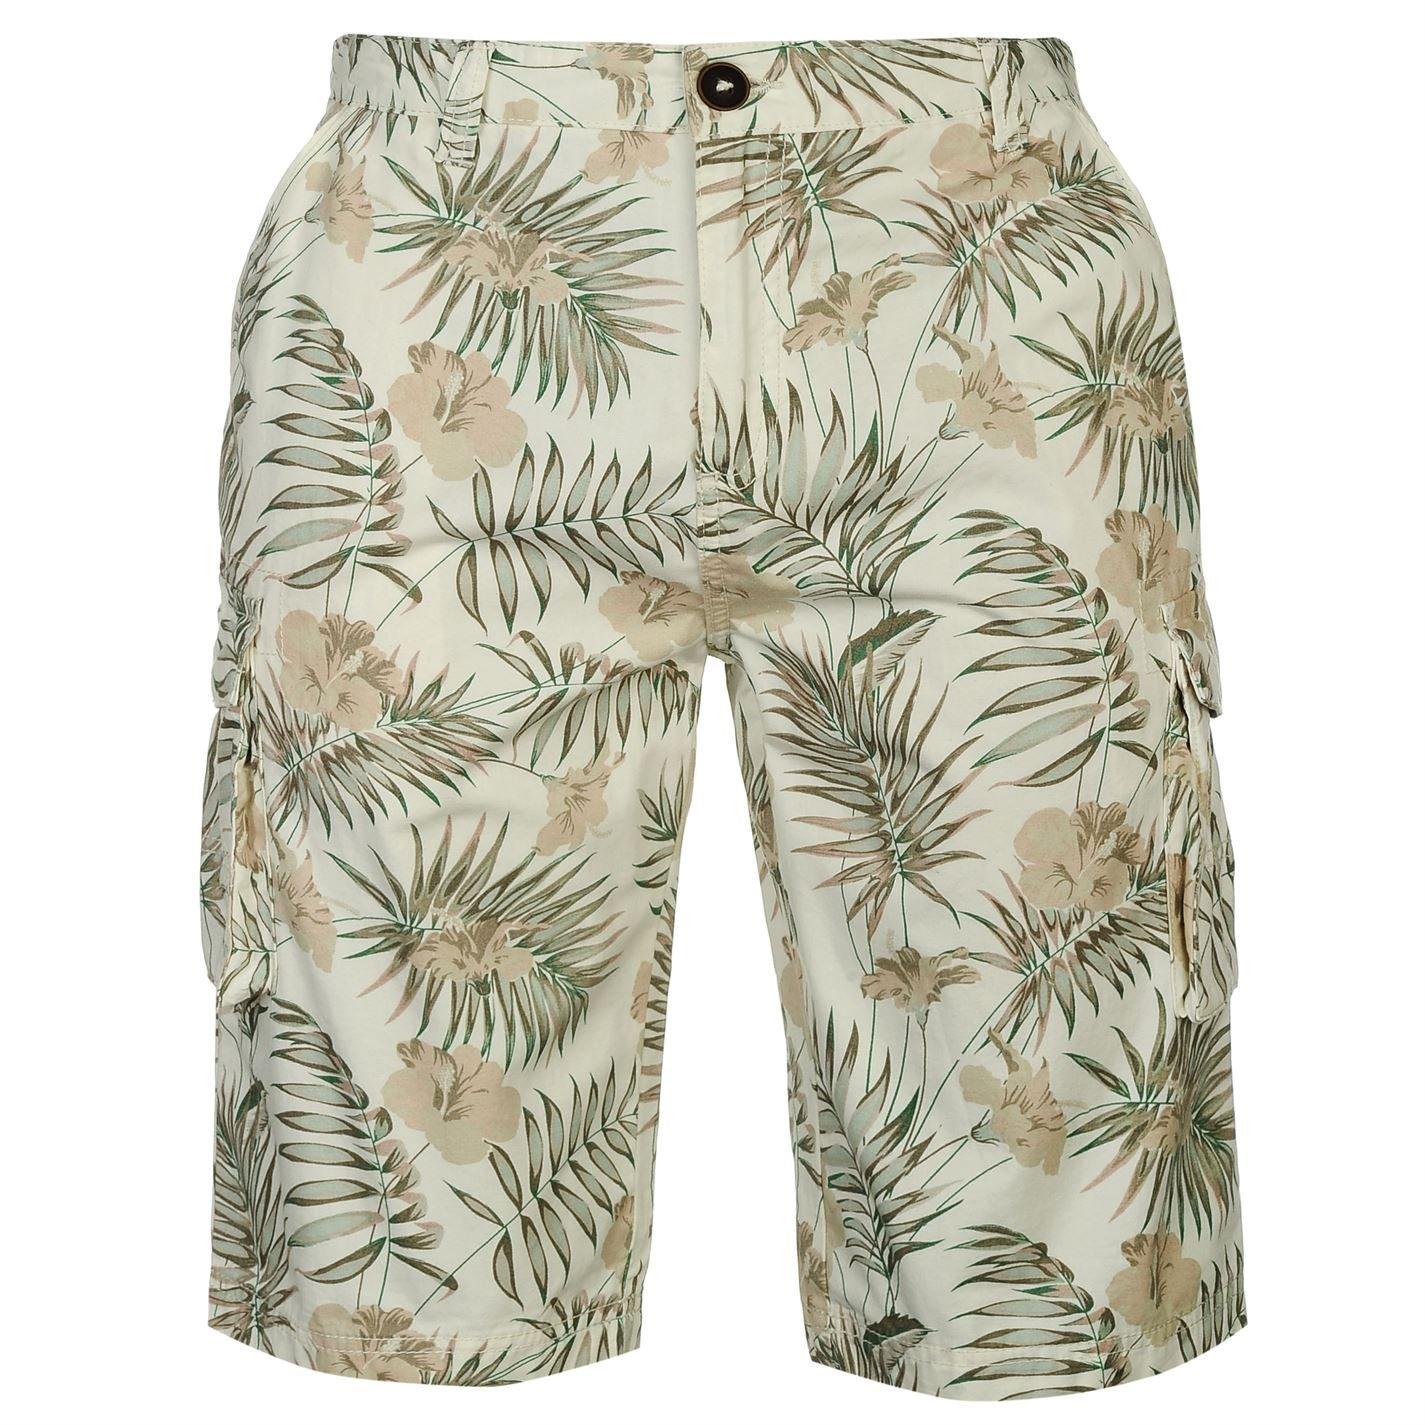 Pierre Cardin Hombres Pantalones Cortos Cargo Impresos 100% Algodón Verano Pequeño - XL Tallas Disponibles